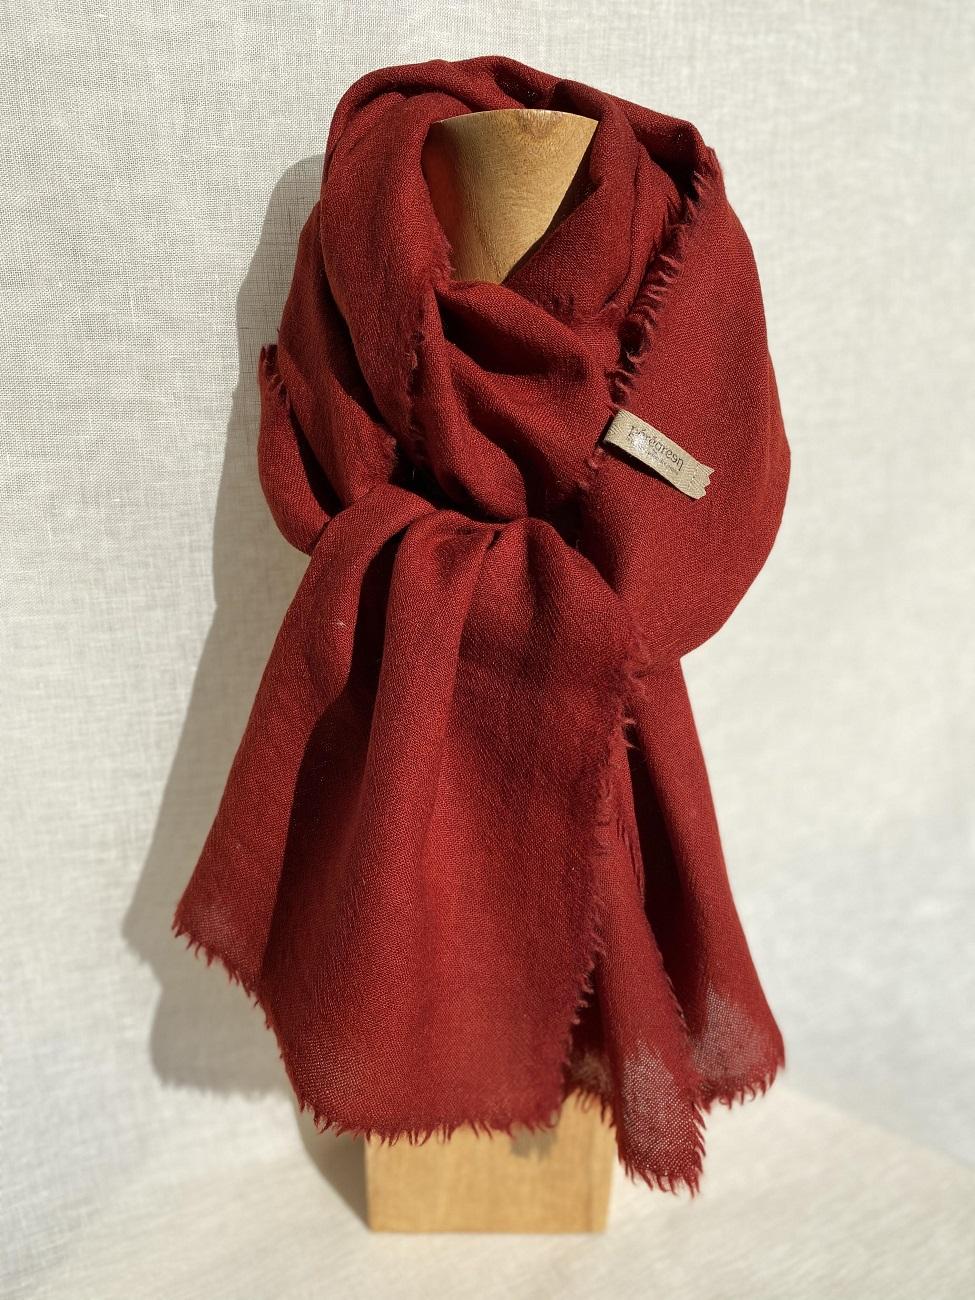 Echarpe pure laine rouge, couleur naturelle Pérégreen